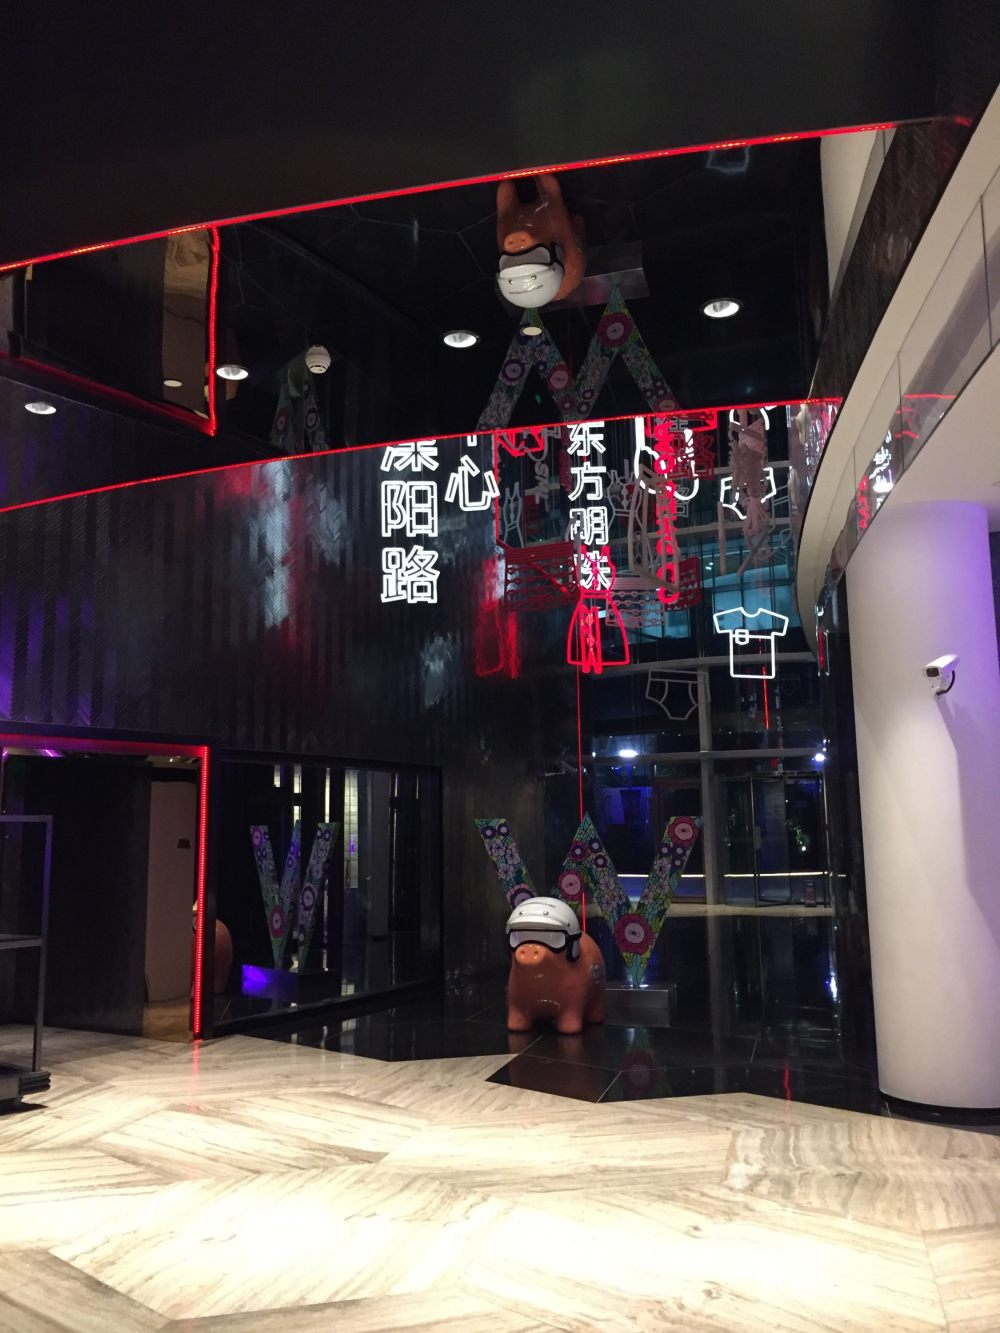 上海外滩W酒店,史上最全入住体验 自拍分享,申请置...._IMG_5939.JPG